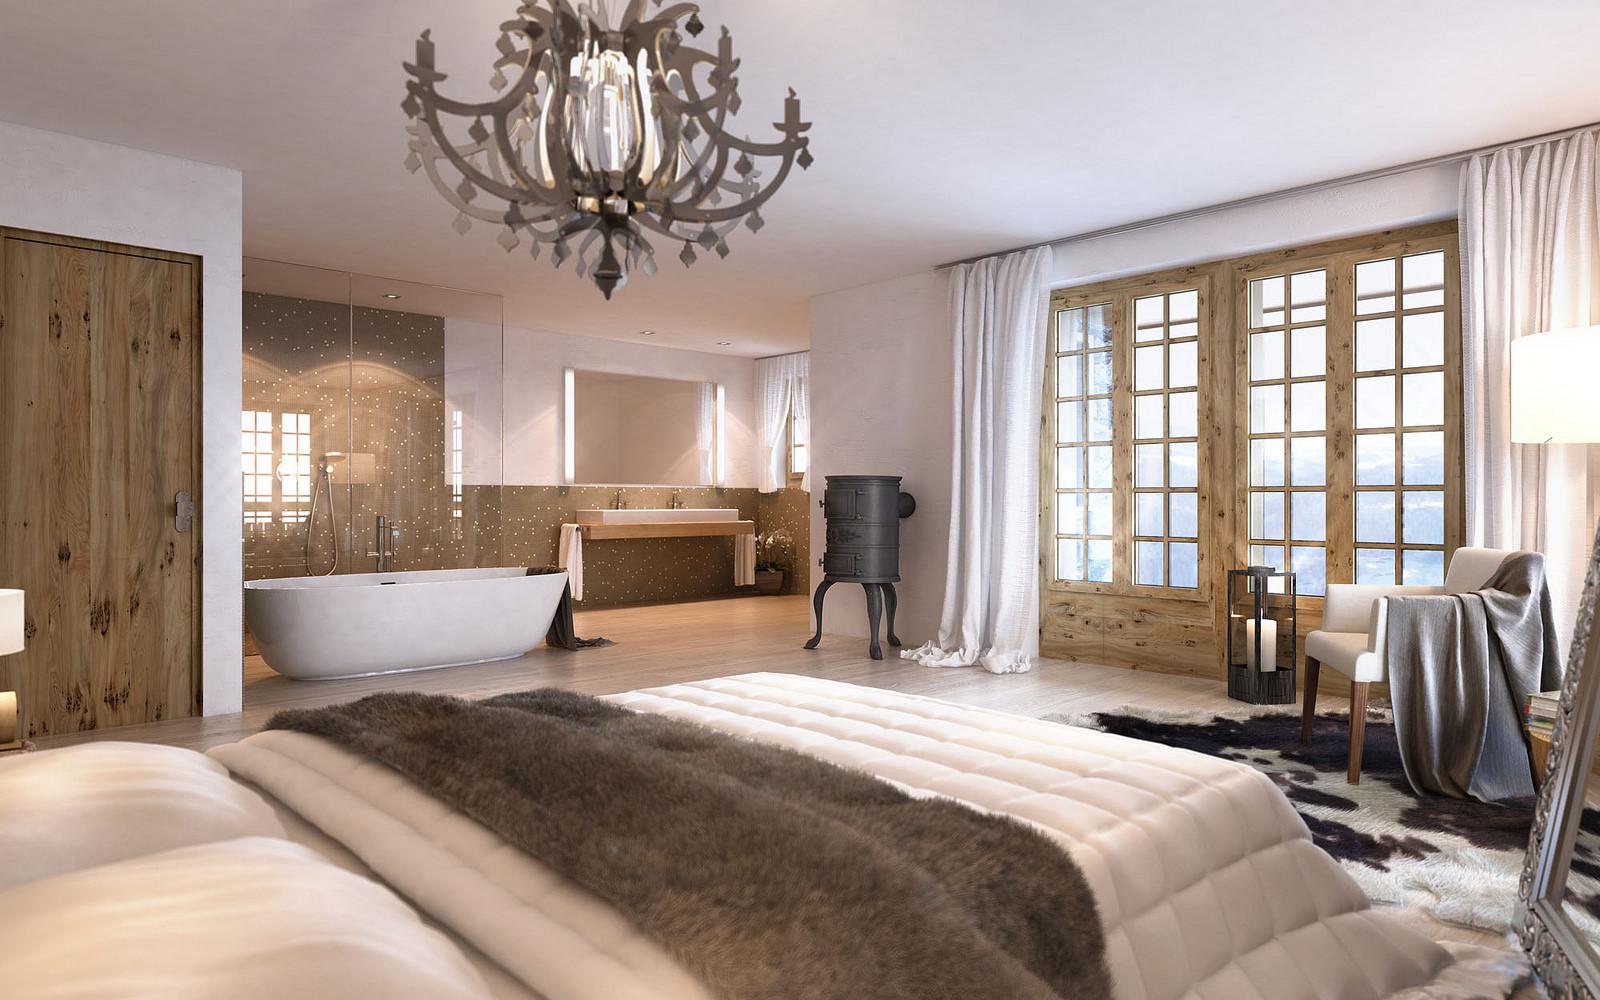 Процедура покупки недвижимости в швейцарии стоимость дома в лондоне